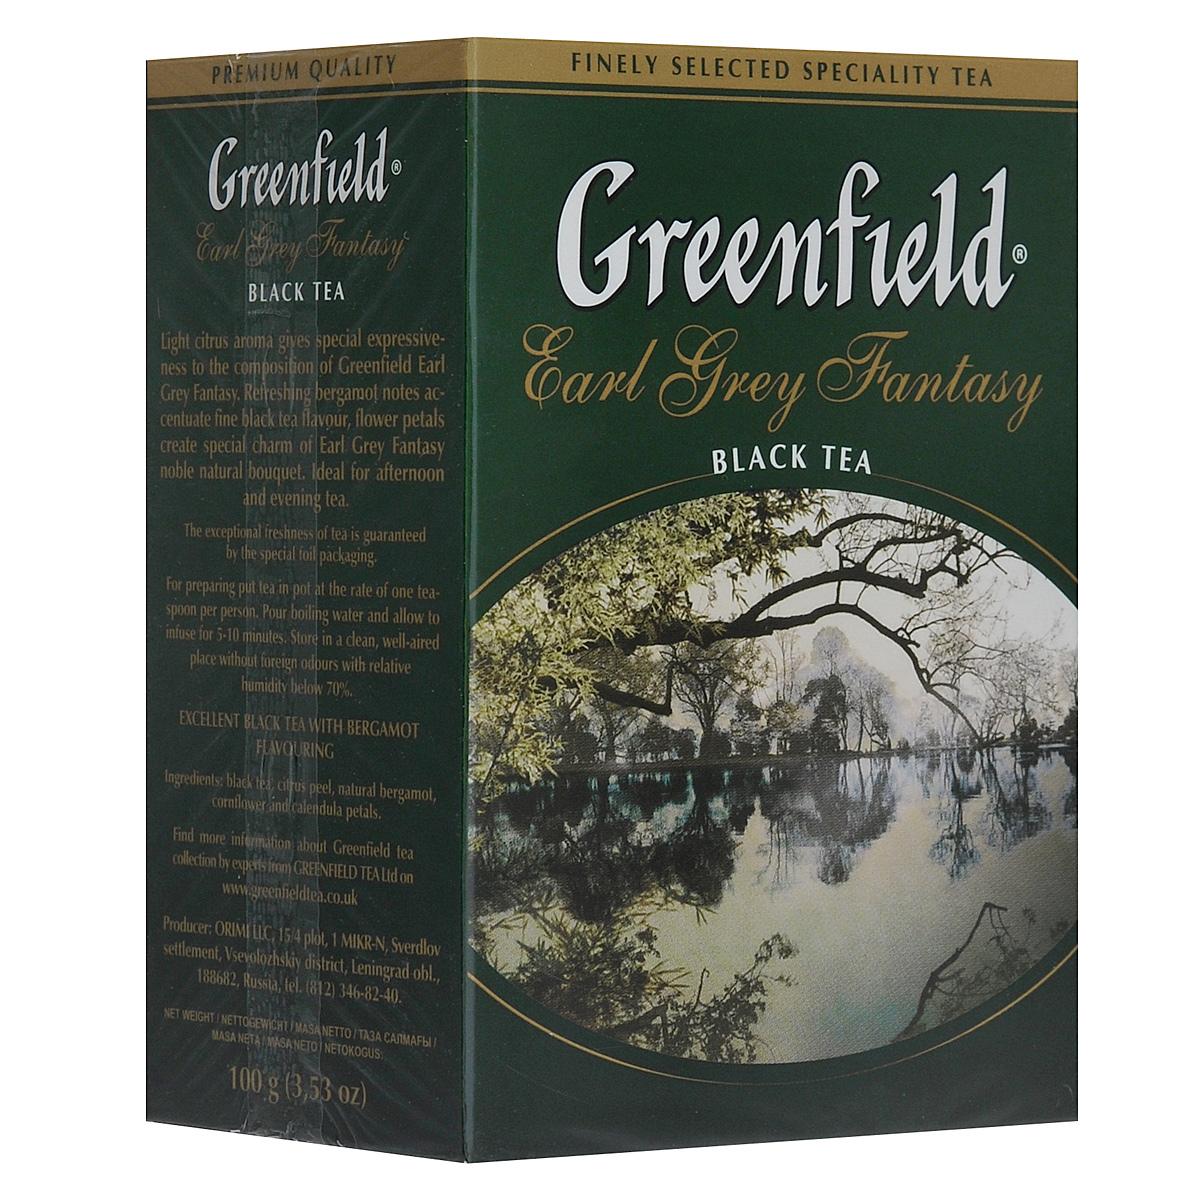 Greenfield Earl Grey Fantasy черный листовой чай, 100 г0426-14Легкий шлейф цитрусовых ароматов придает особую выразительность изящной композиции Greenfield Earl Grey Fantasy. Освежающий оттенок бергамота акцентирует вкус элитного черного чая в изысканном букете Greenfield Earl Grey Fantasy. Он идеально подходит для послеполуденного и вечернего чаепития.